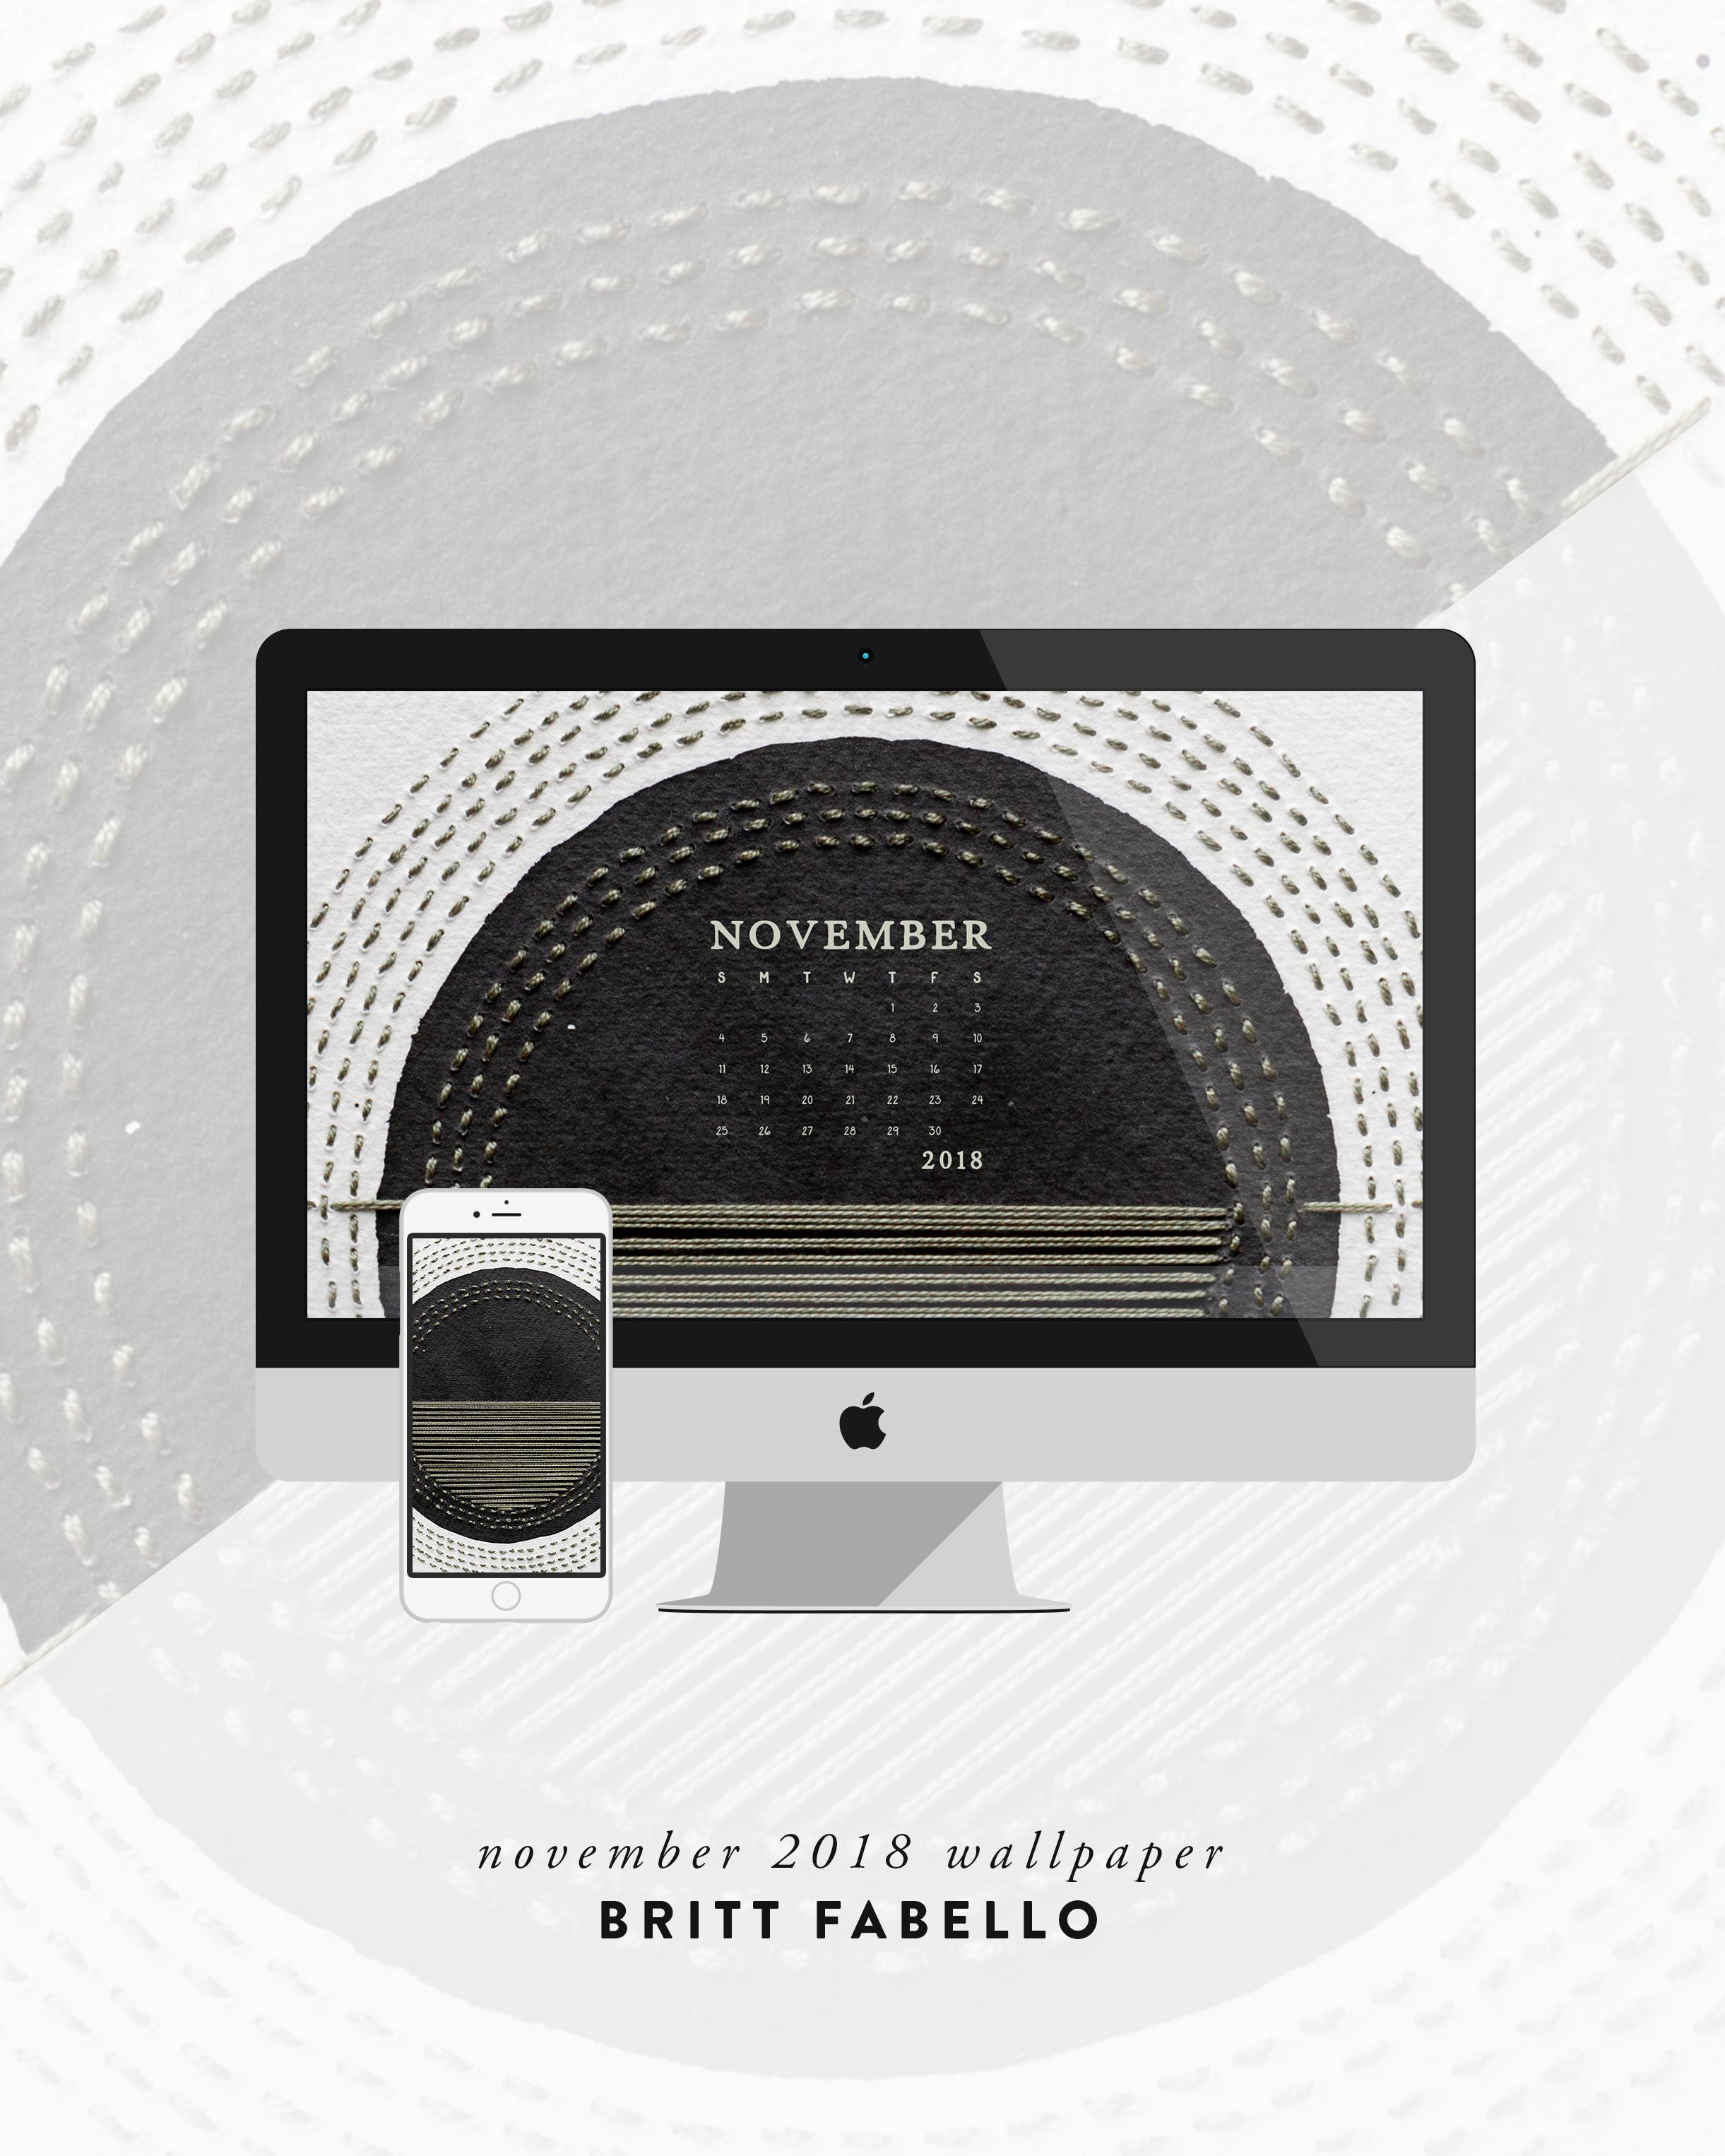 Wallpaper: November 2018 Calendar & Art | Desktop Computer & Phone | Britt Fabello